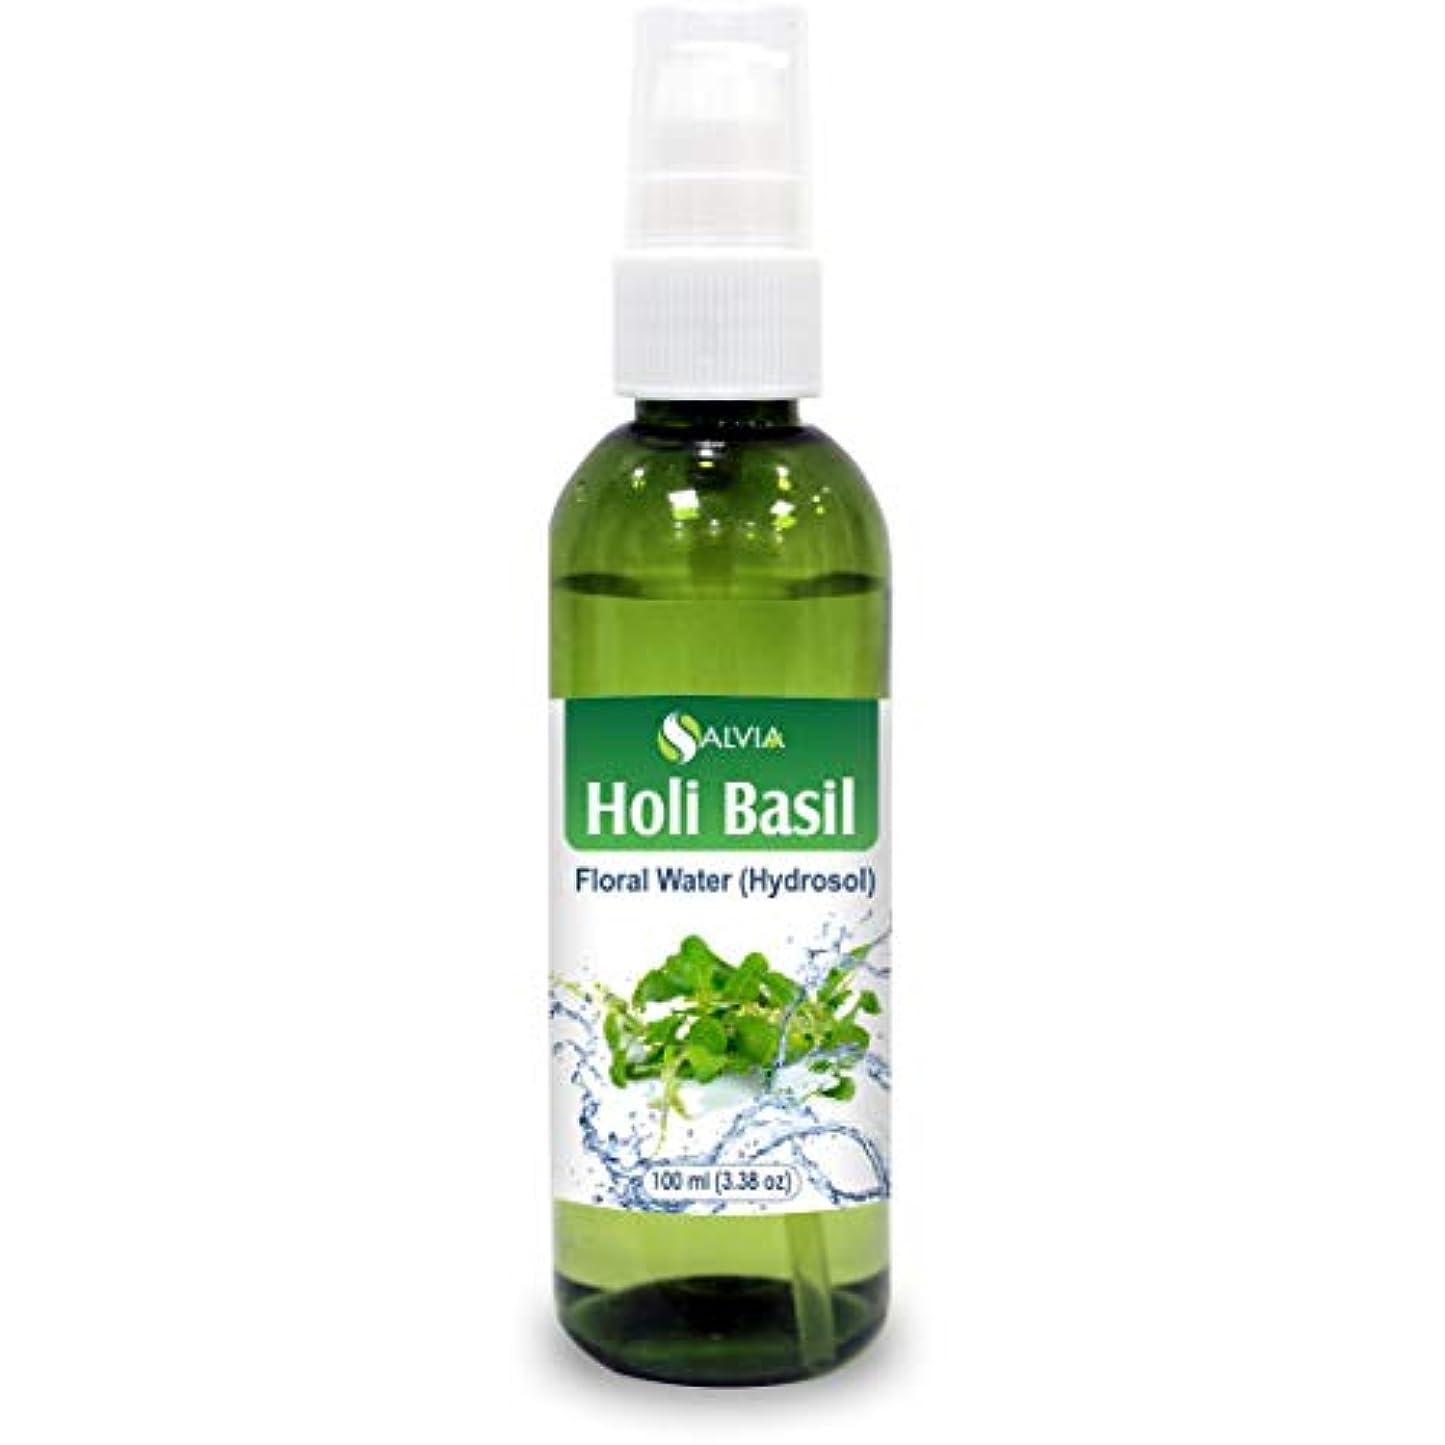 挨拶する長方形着服Holy Basil (Tulsi) Floral Water 100ml (Hydrosol) 100% Pure And Natural